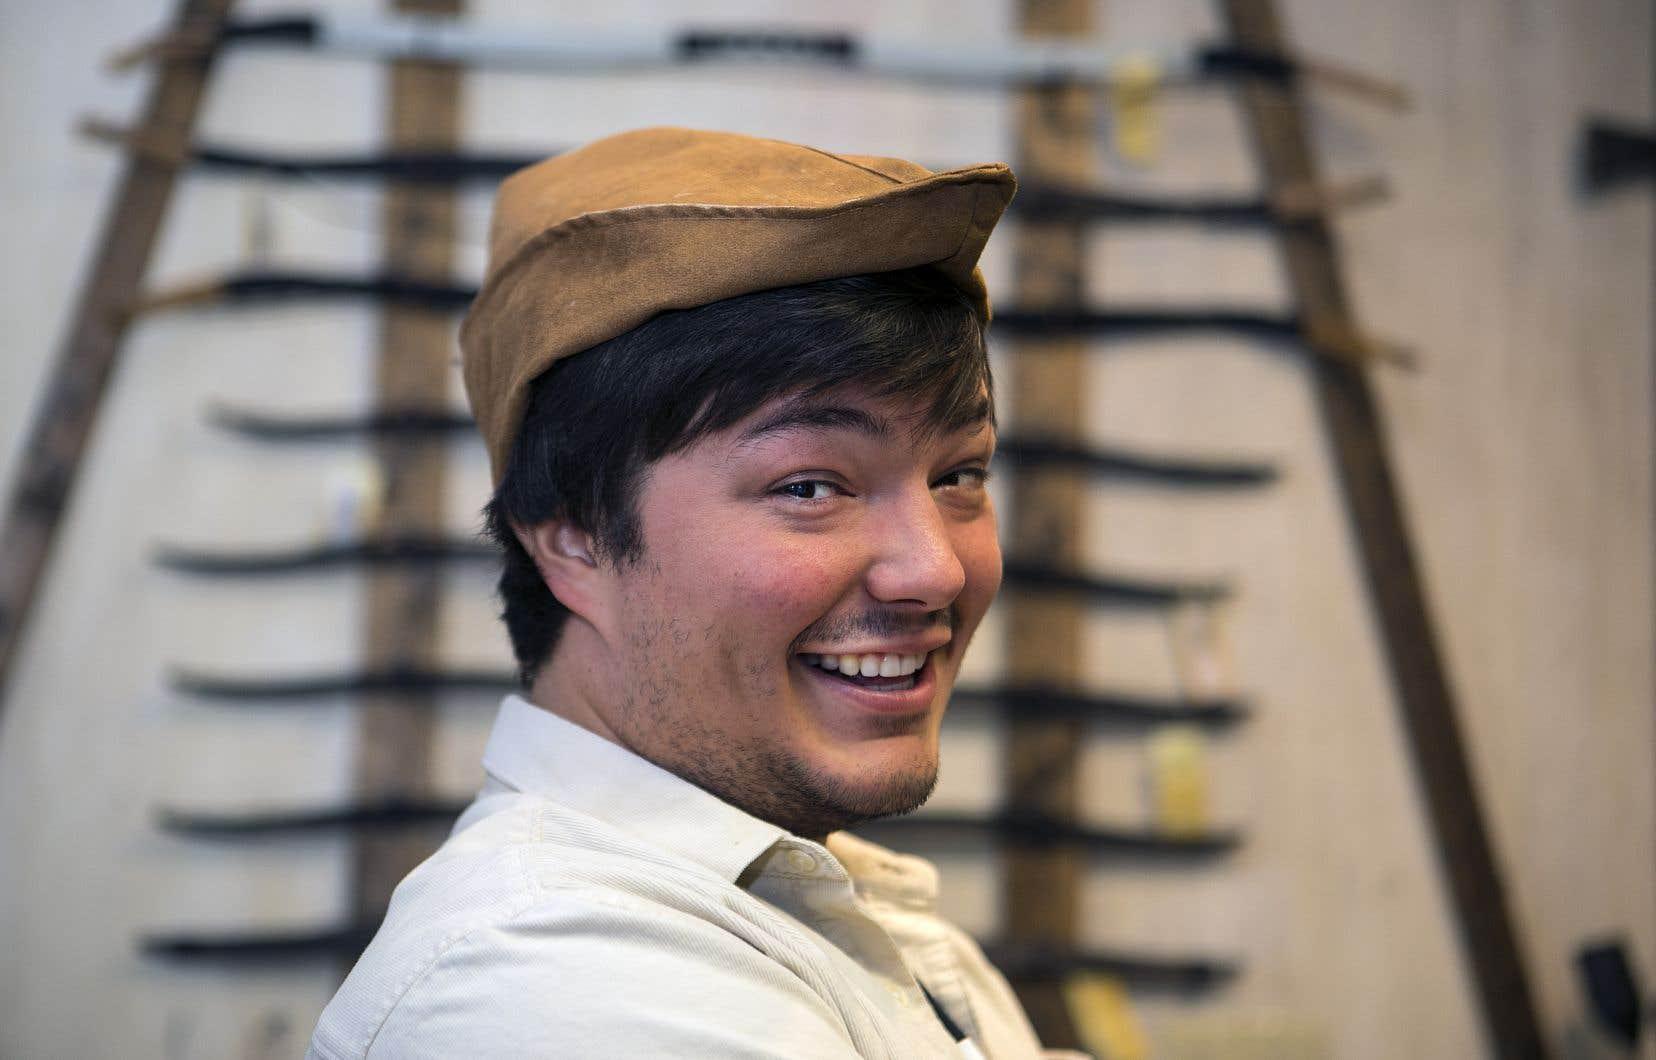 En entrevue, Émile Bilodeau porte le couvre-chef de Robin des bois, un clin d'oeil à sa chanson sur le personnage.